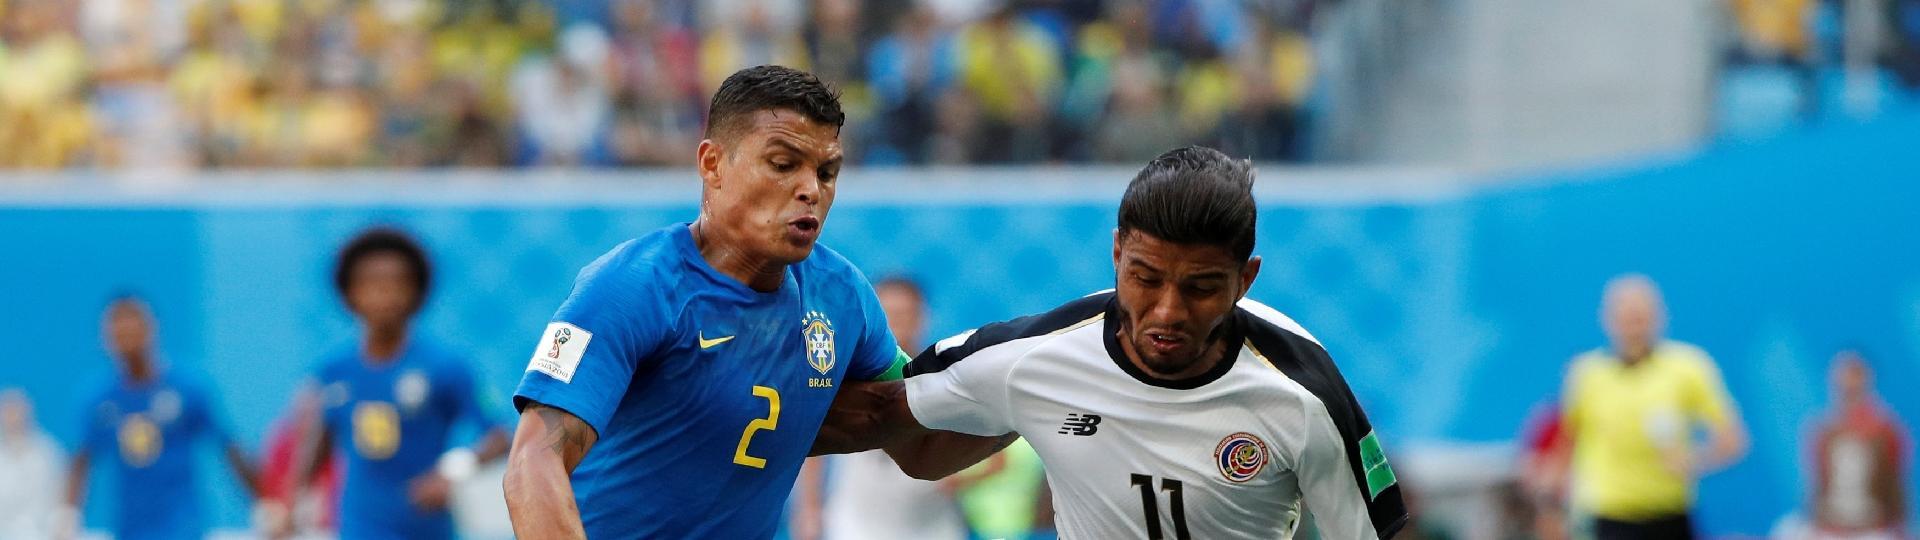 O zagueiro Thiago Silva disputa lance com Venegas no jogo entre Brasil e Costa Rica